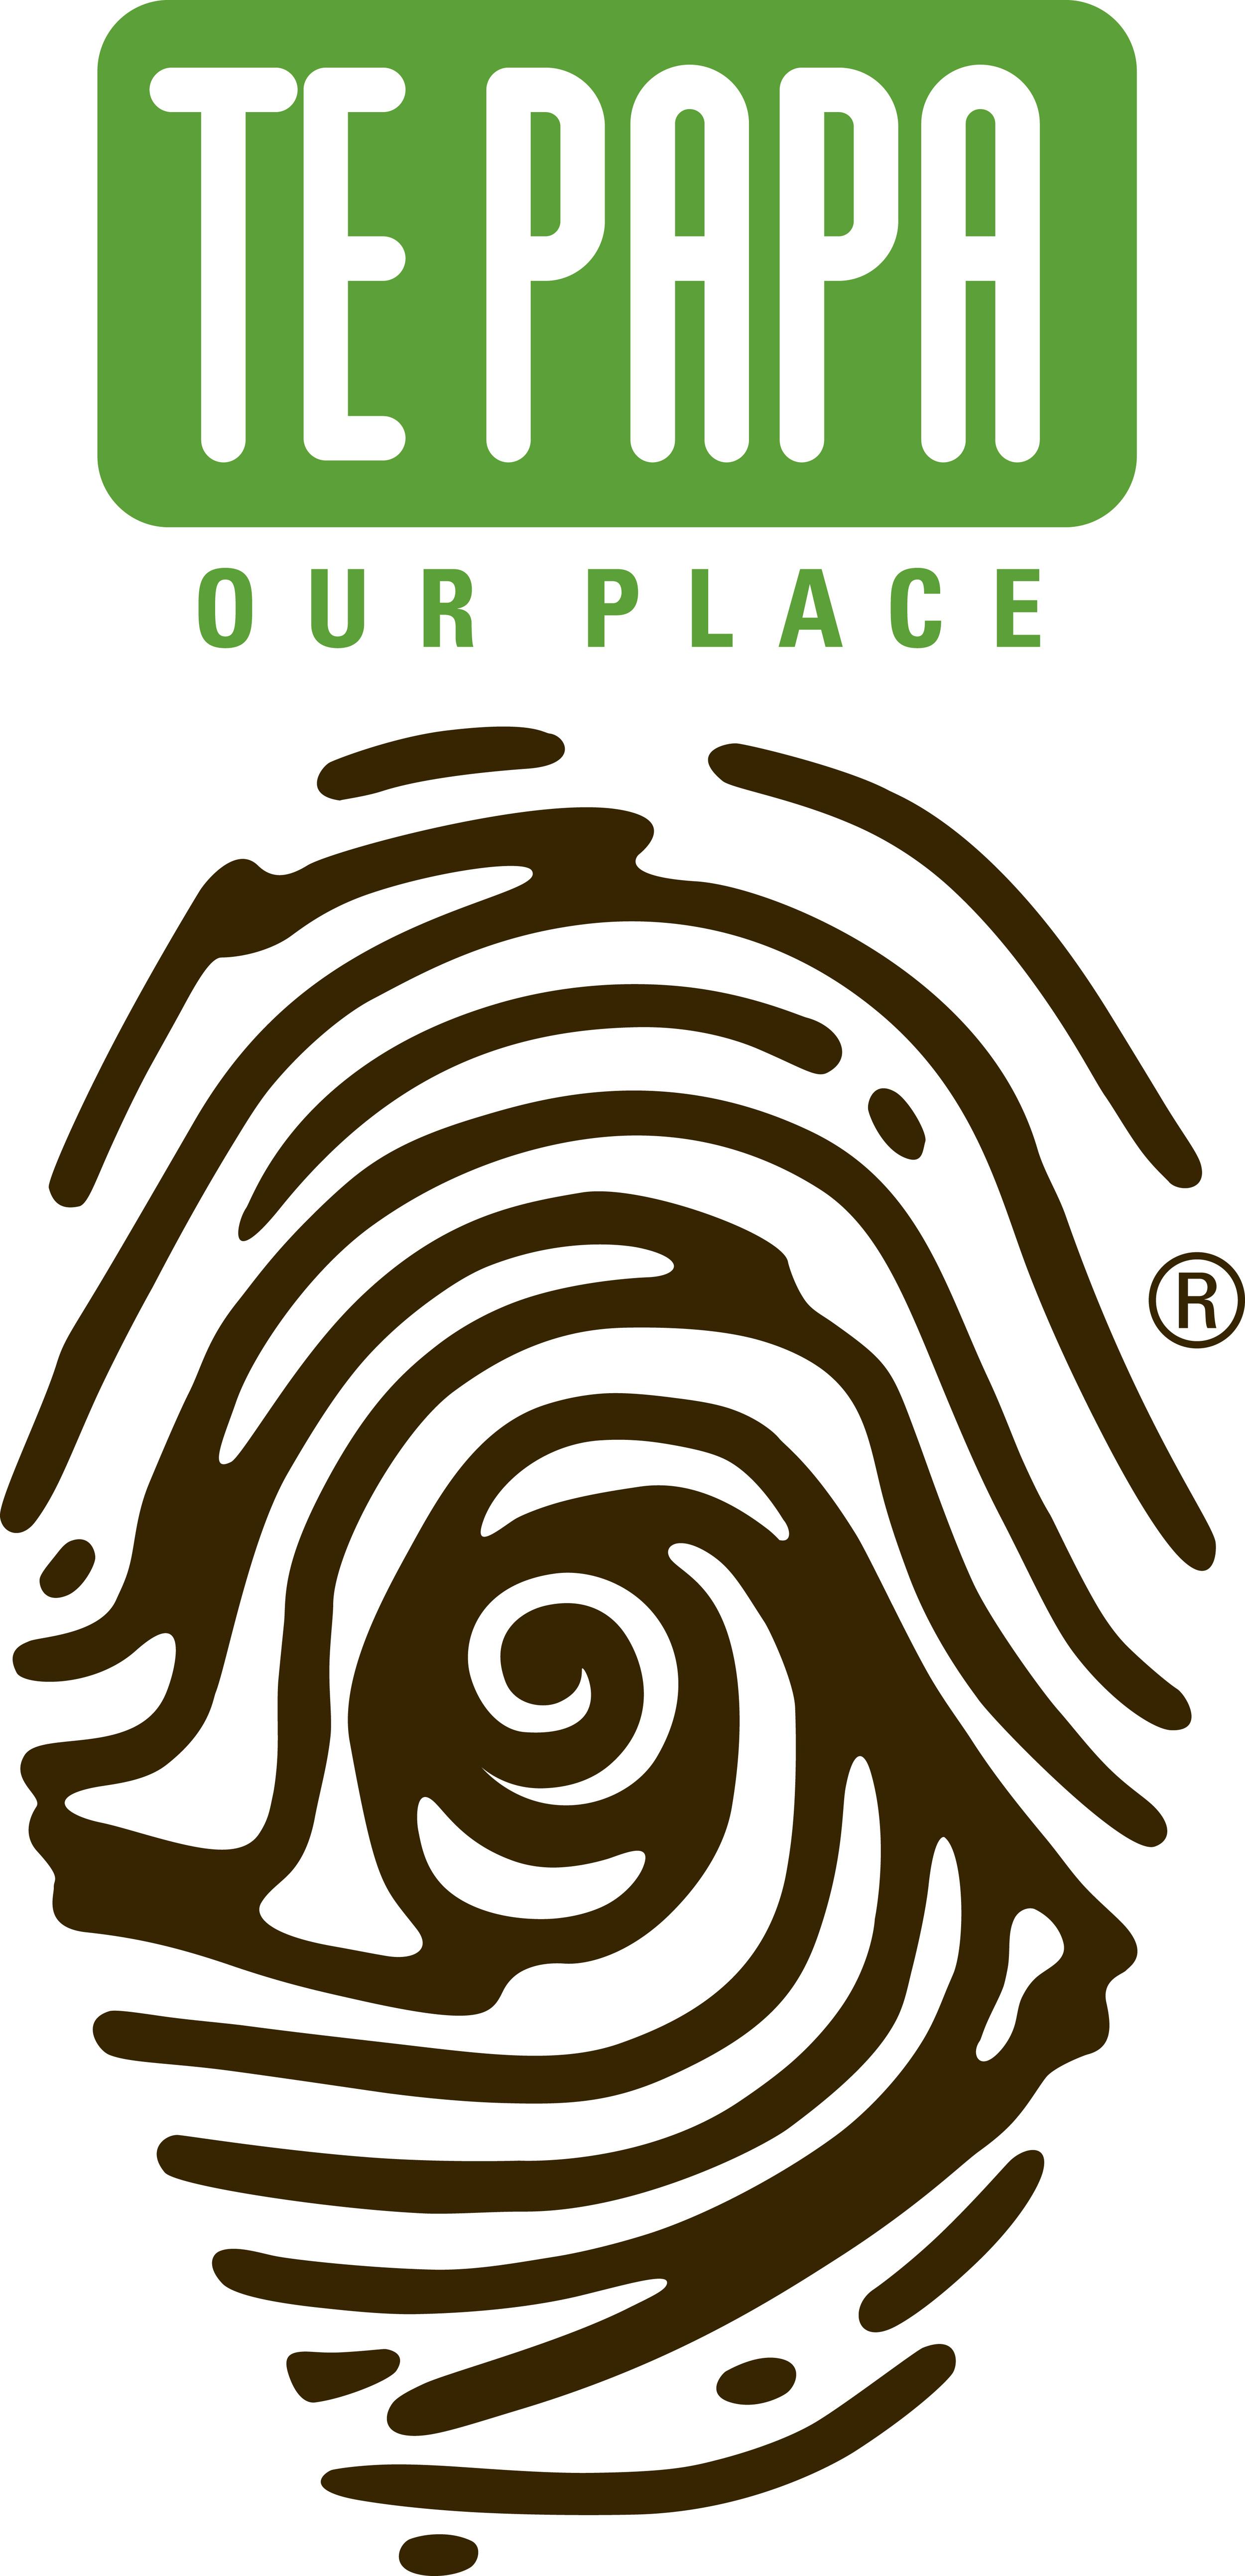 TEPAPA 2008 logo cmyk hi-res.jpg